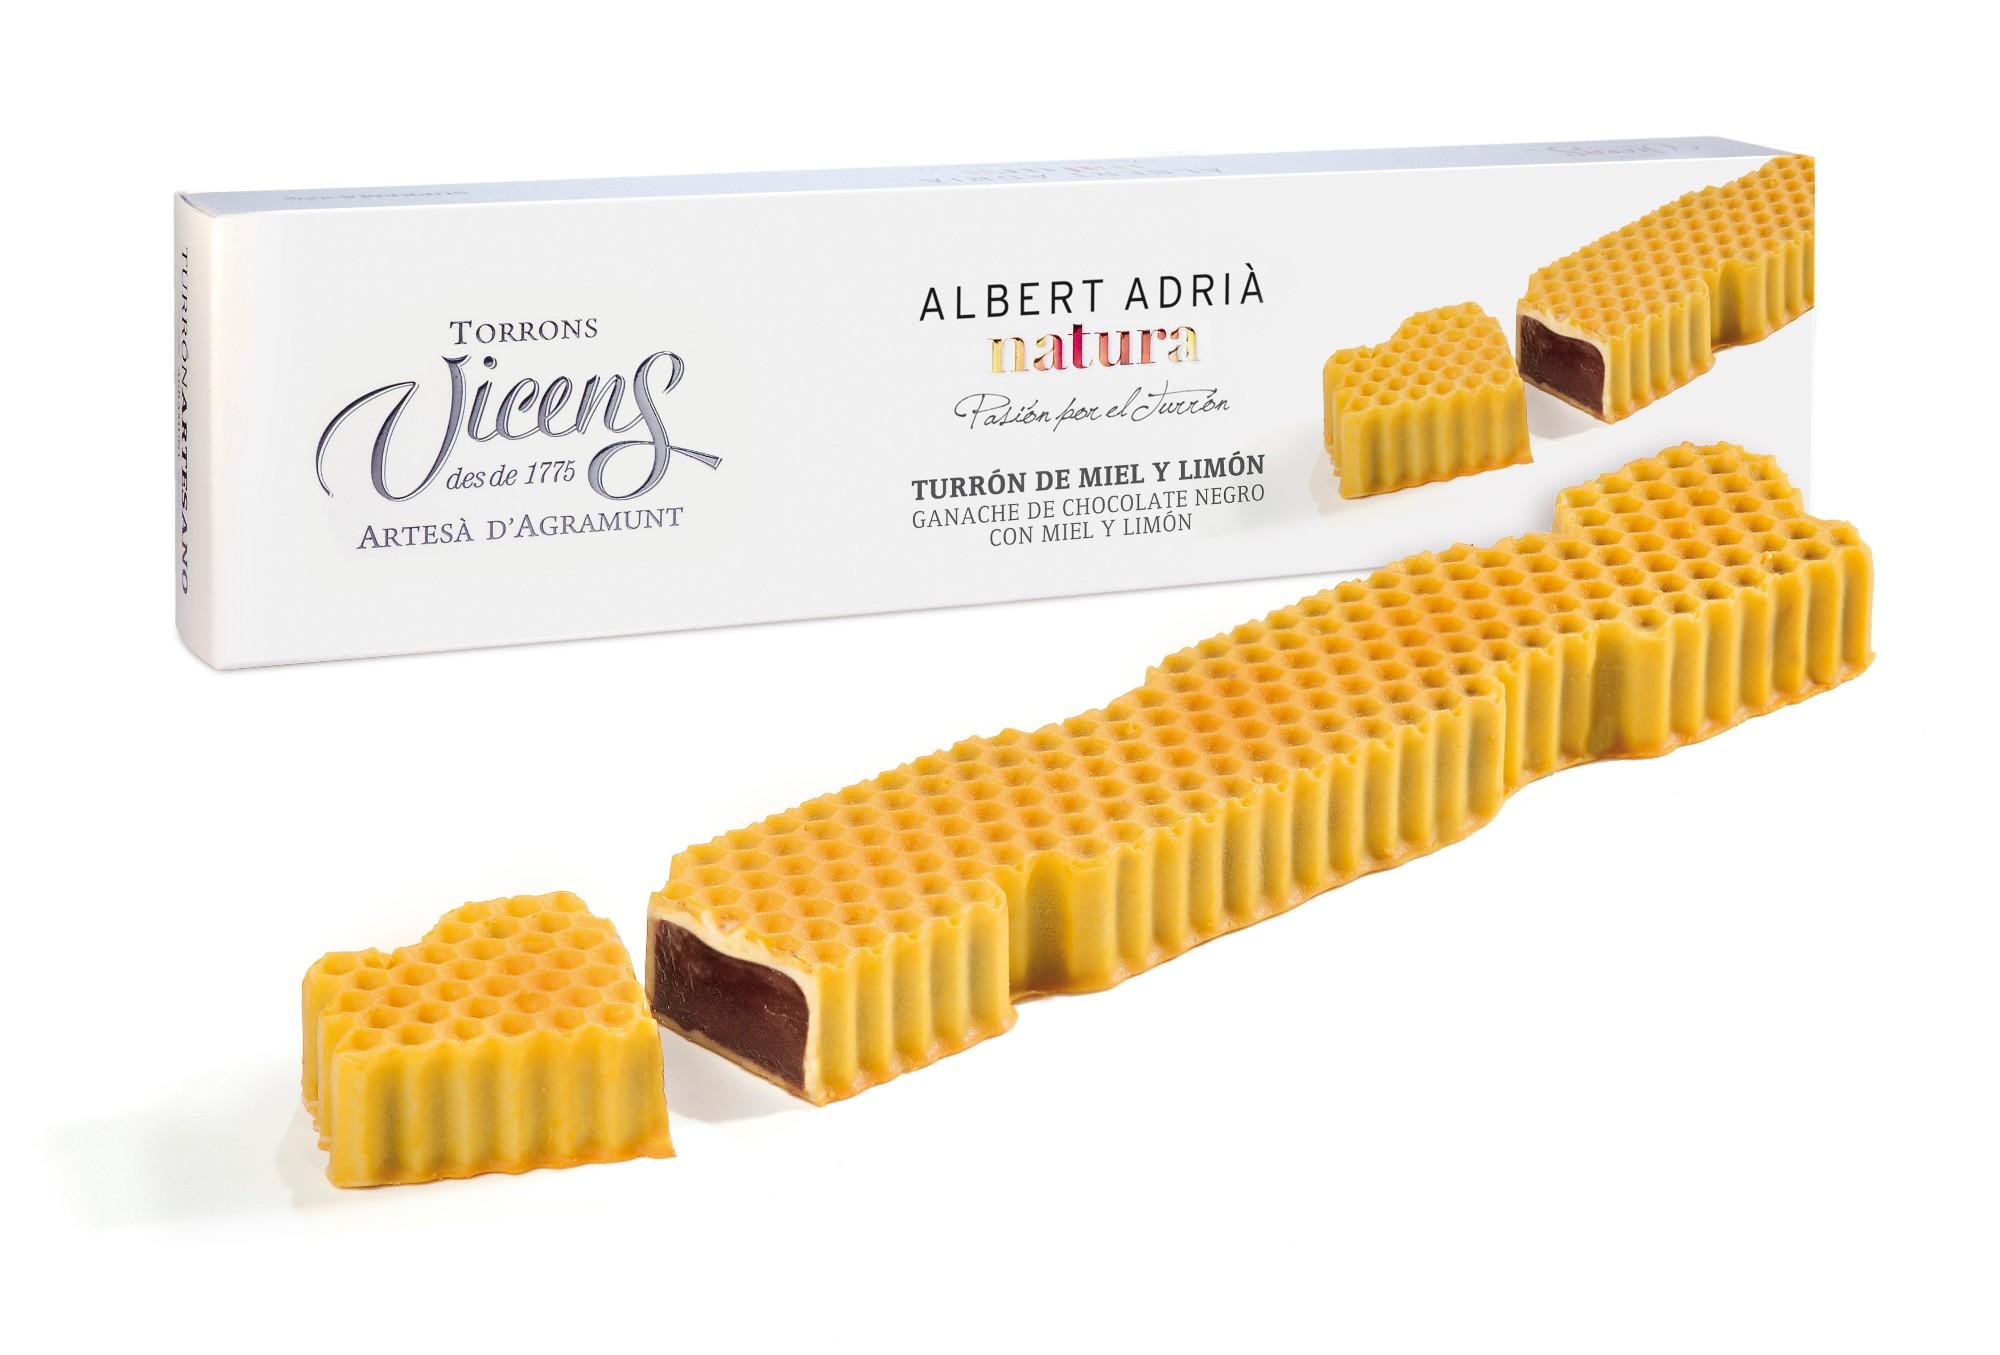 Šokoladinis ganašas VICENS su medaus ir citrinos apvalkalu, 300g